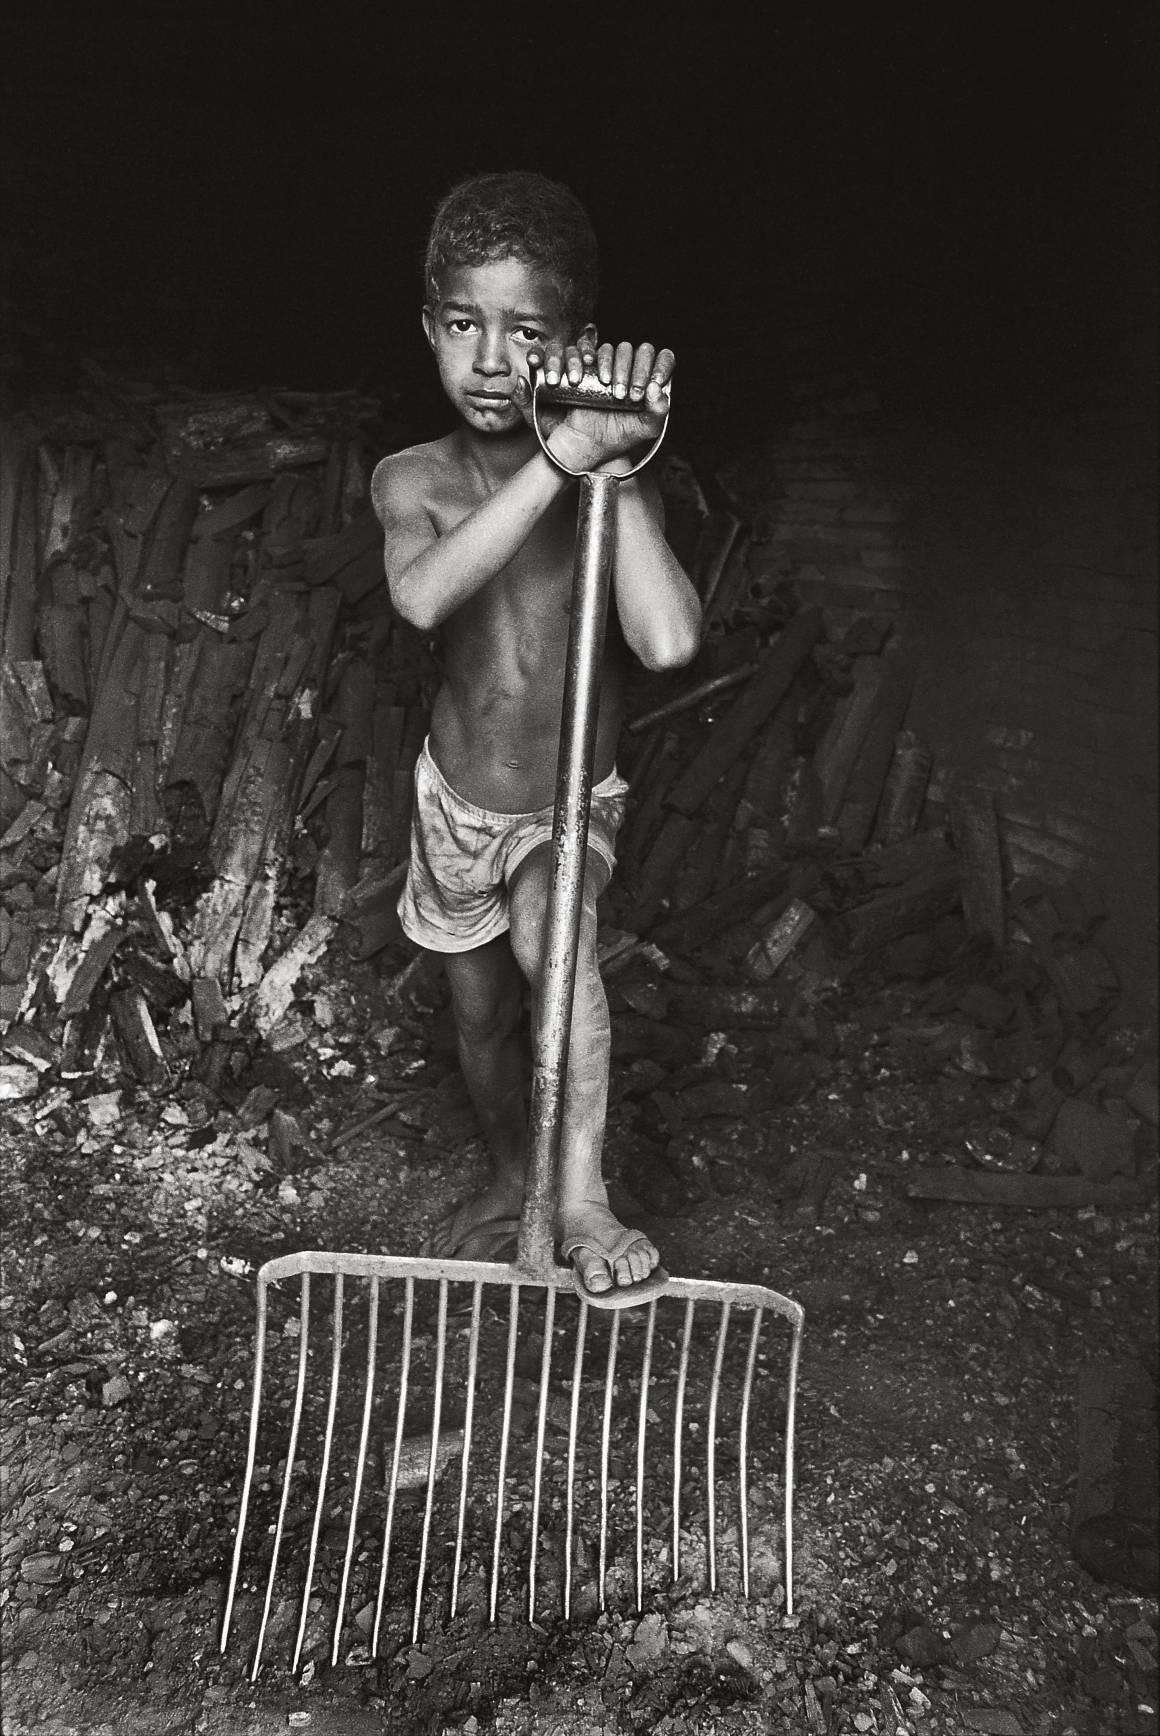 Derer 152 millioner børnearbejdere i verden i dag, og omkring40 millioner mennesker lever i moderne slaveri.1 ud af4 ofre for moderne slaveri er et barn. Foto: ILO/M.Crozet.